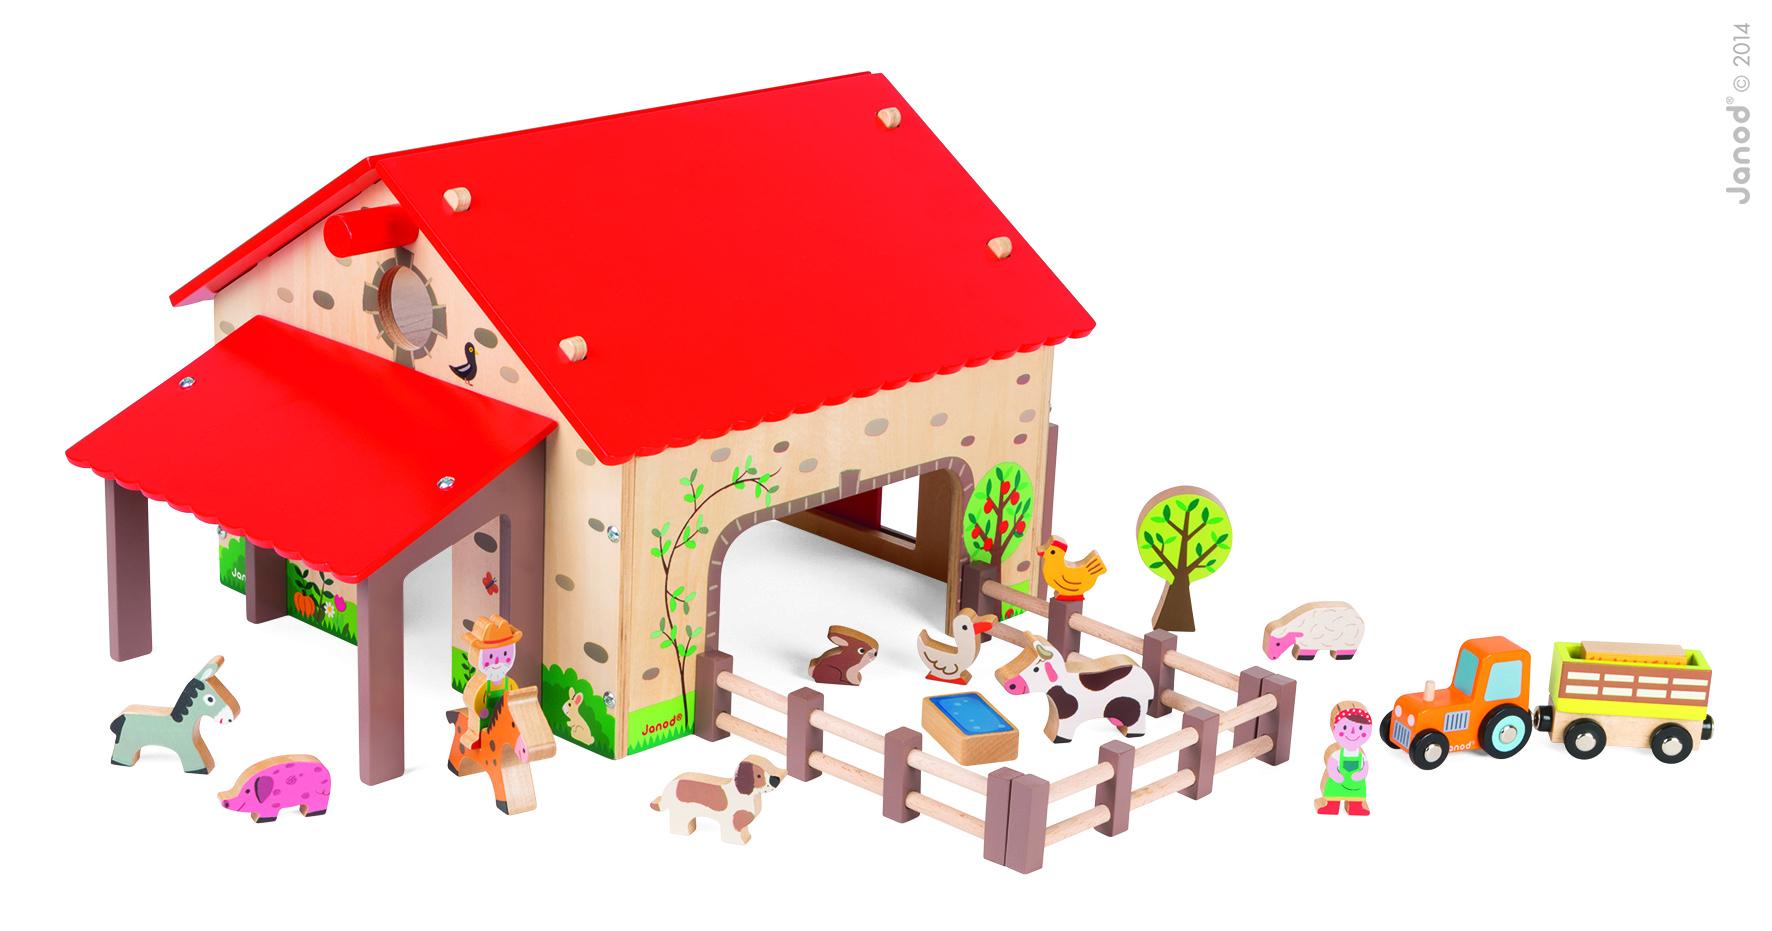 Набор для детей  Веселая ферма, 19 аксессуаров - Игровые наборы Зоопарк, Ферма, артикул: 160240